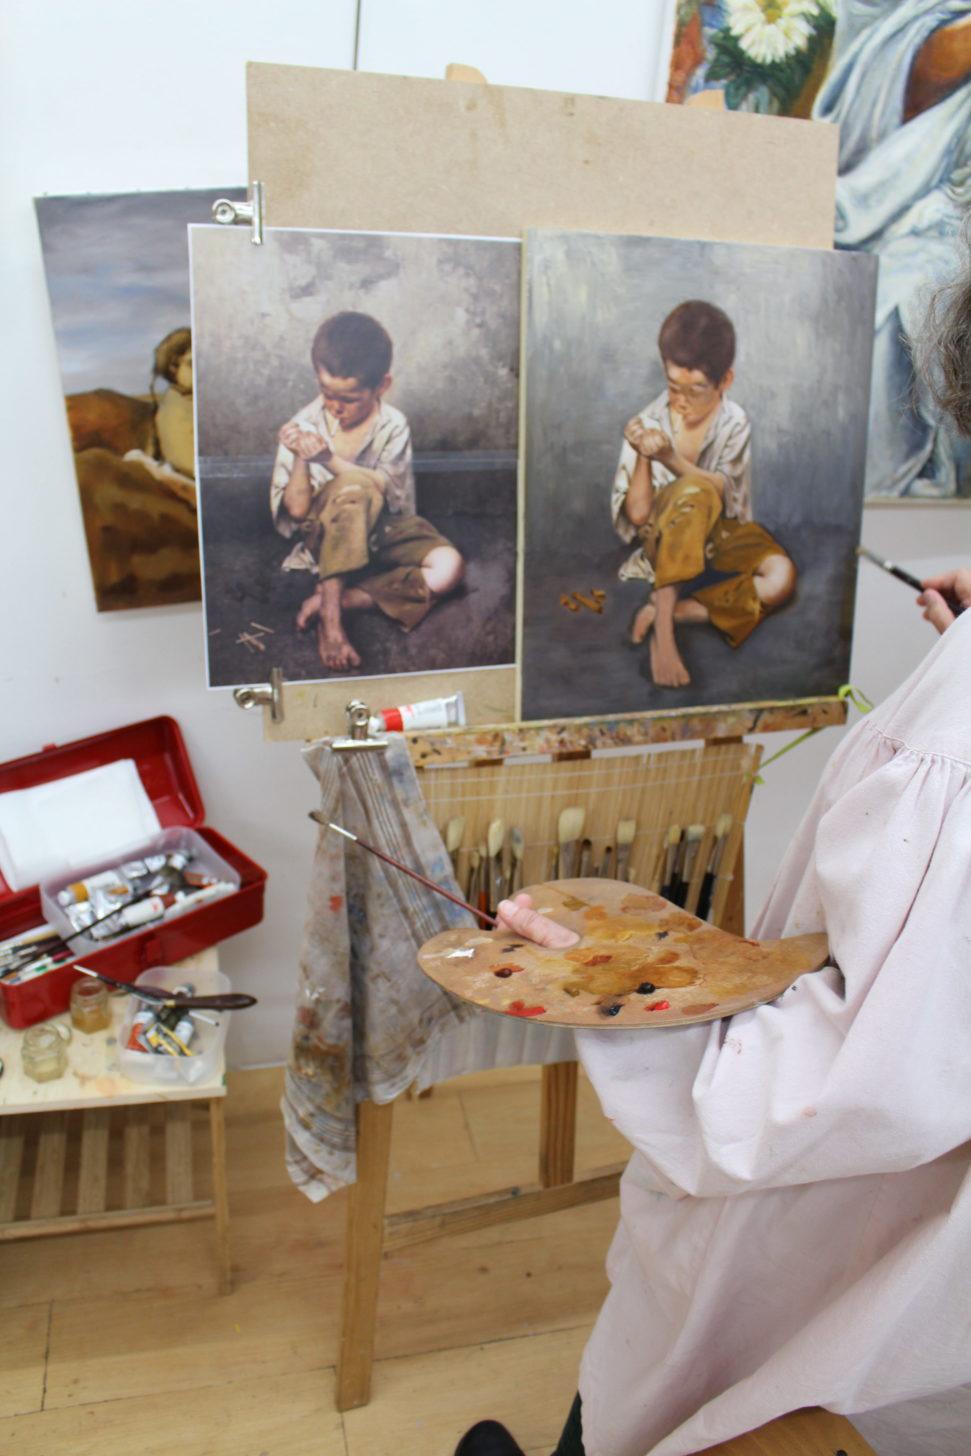 cours de peinture paris, cours peinture paris, cours de peinture à paris